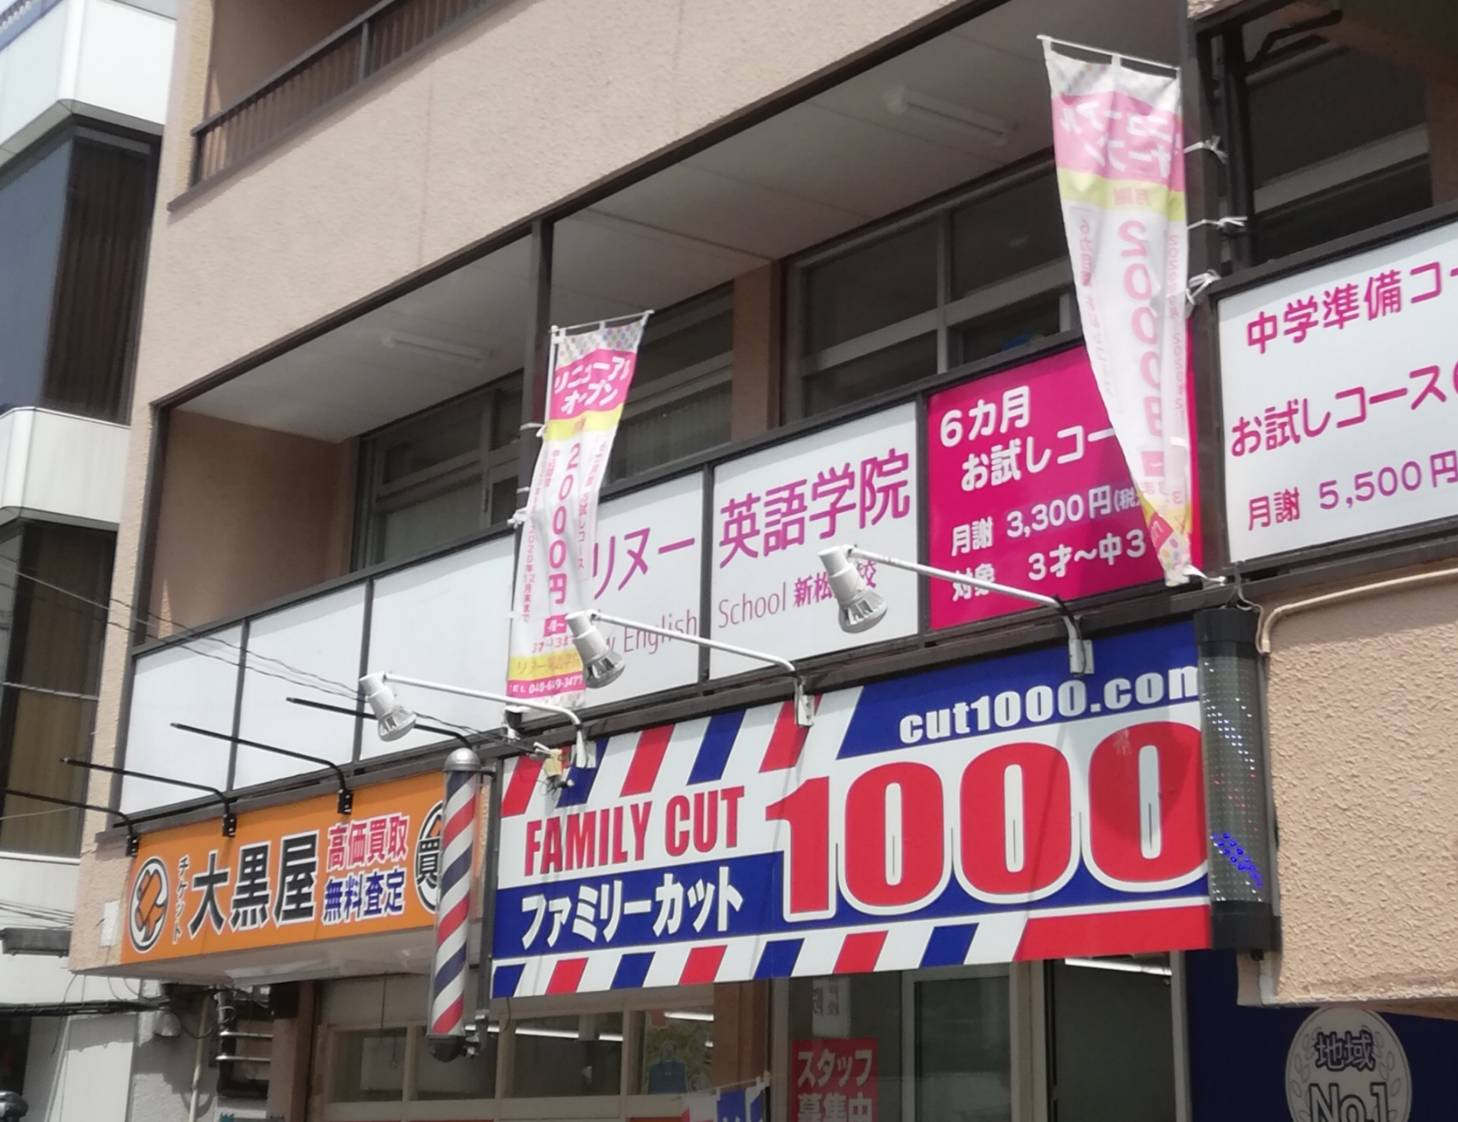 大黒屋新松戸店チケット買取オープン